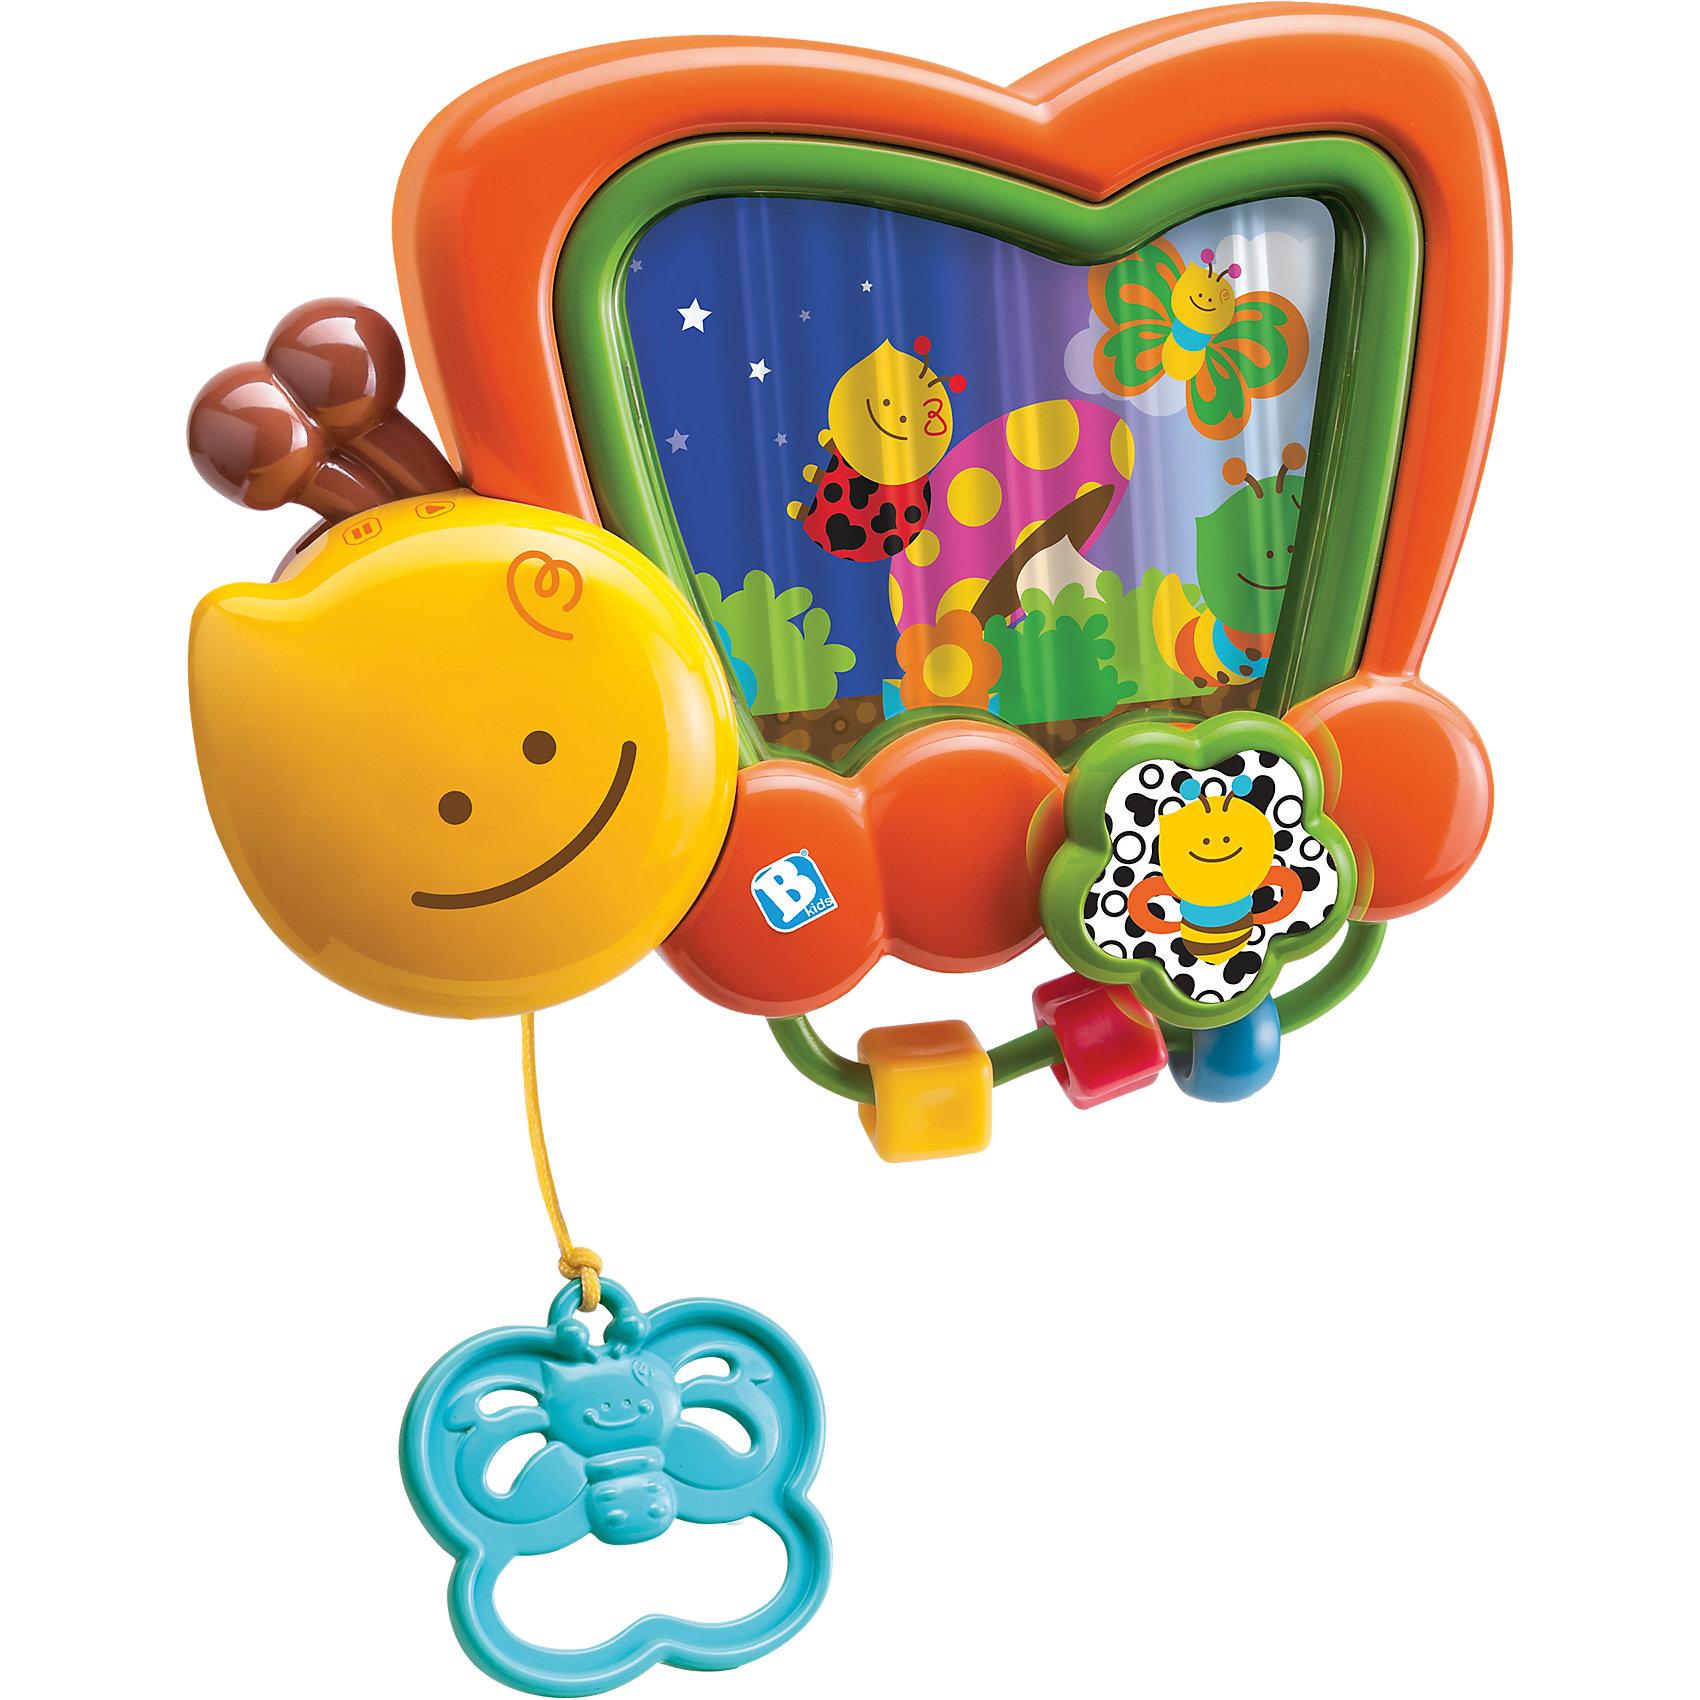 Игрушка Музыкальная шкатулка на кроватку, BKidsРазвивать способности ребенка можно с самого раннего возраста. Делая это в игре, малыш всесторонне изучает мир и осваивает новые навыки. Эта игрушка представляет собой музыкальную шкатулку в виде бабочки - она играет мелодии и показывает картинки.<br>Такие игрушки способствуют развитию мелкой моторики, воображения, цвето- и звуковосприятия, тактильных ощущений и обучению. Изделие разработано специально для самых маленьких. Сделано из материалов, безопасных для детей.<br><br>Дополнительная информация:<br><br>цвет: разноцветный;<br>размер упаковки: 25 х 9 х 23 см;<br>возраст: с рождения.<br><br>Игрушку Музыкальная шкатулка на кроватку от бренда BKids можно купить в нашем интернет-магазине.<br><br>Ширина мм: 89<br>Глубина мм: 228<br>Высота мм: 254<br>Вес г: 454<br>Возраст от месяцев: 0<br>Возраст до месяцев: 12<br>Пол: Унисекс<br>Возраст: Детский<br>SKU: 5055377